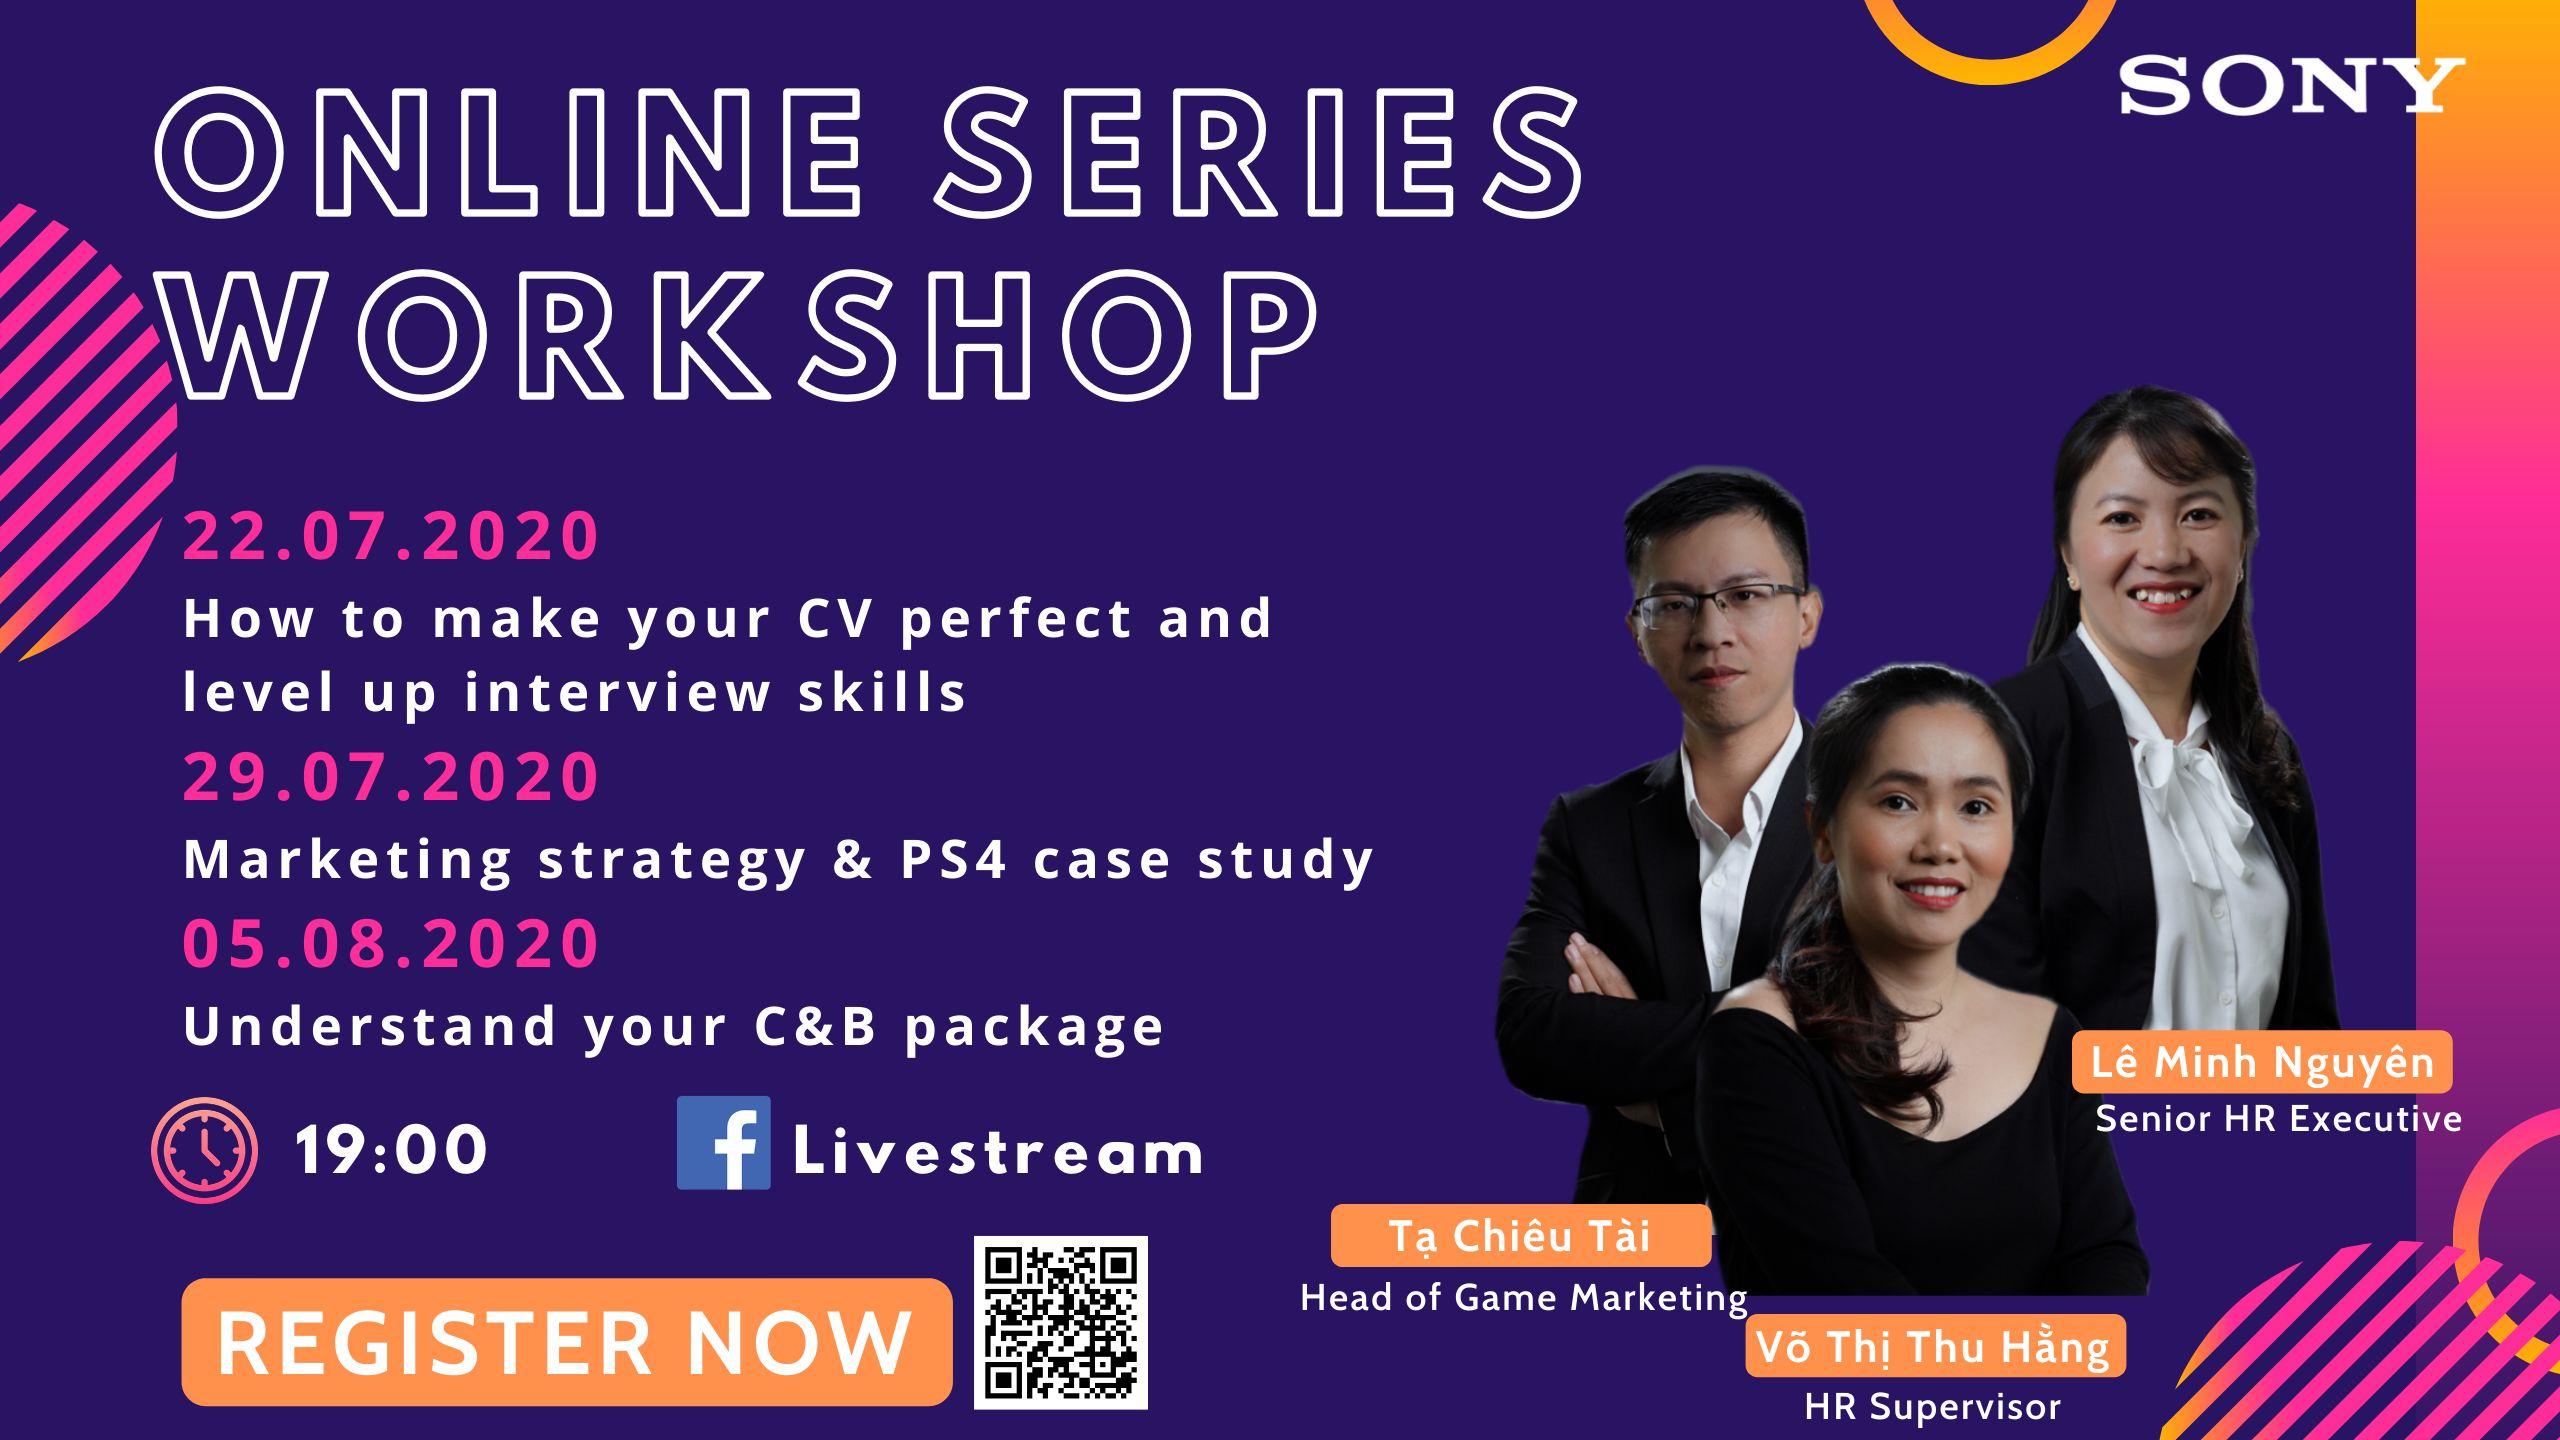 Chương trình SONY Online series workshop 2020